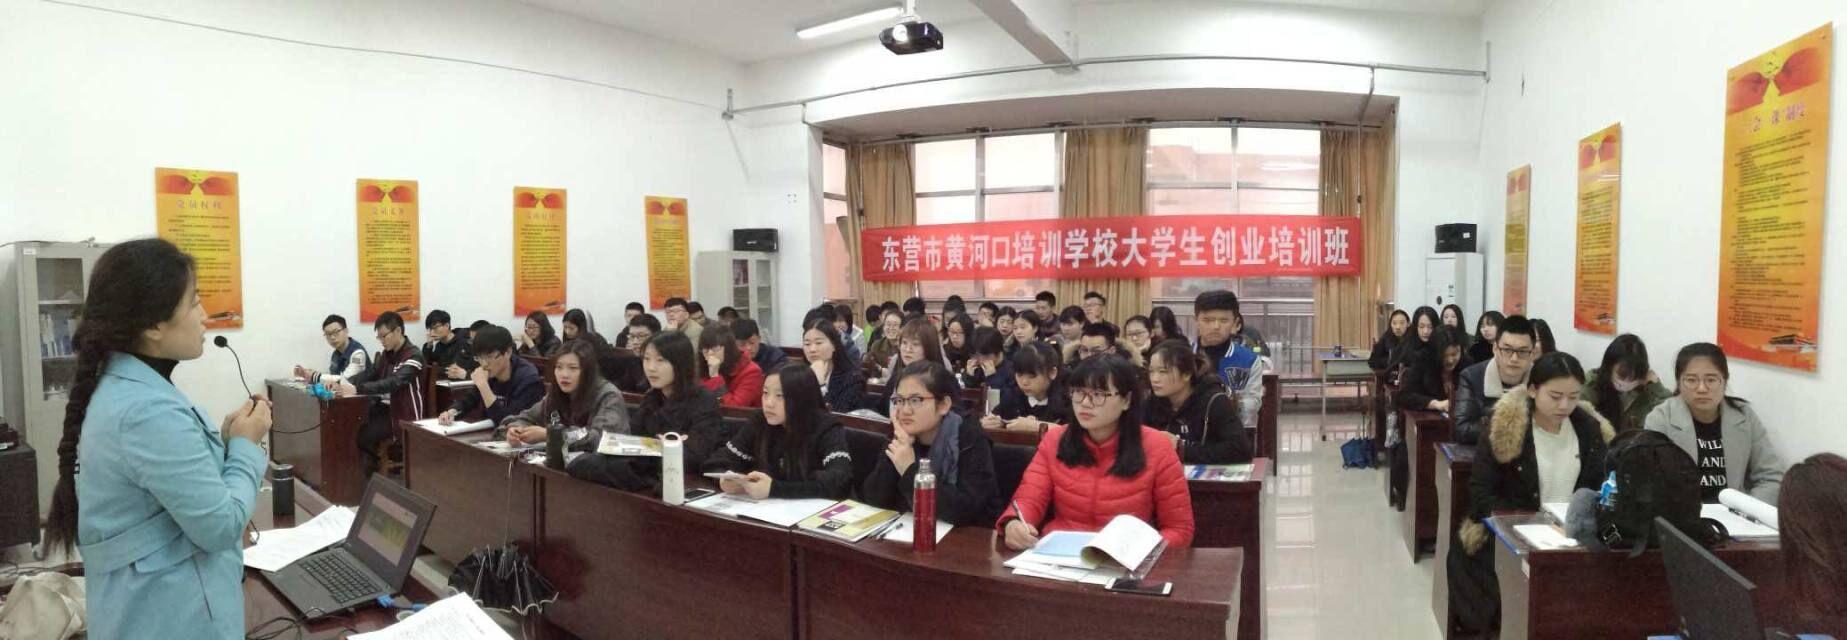 东营黄河口继续教育进修学校学习中心